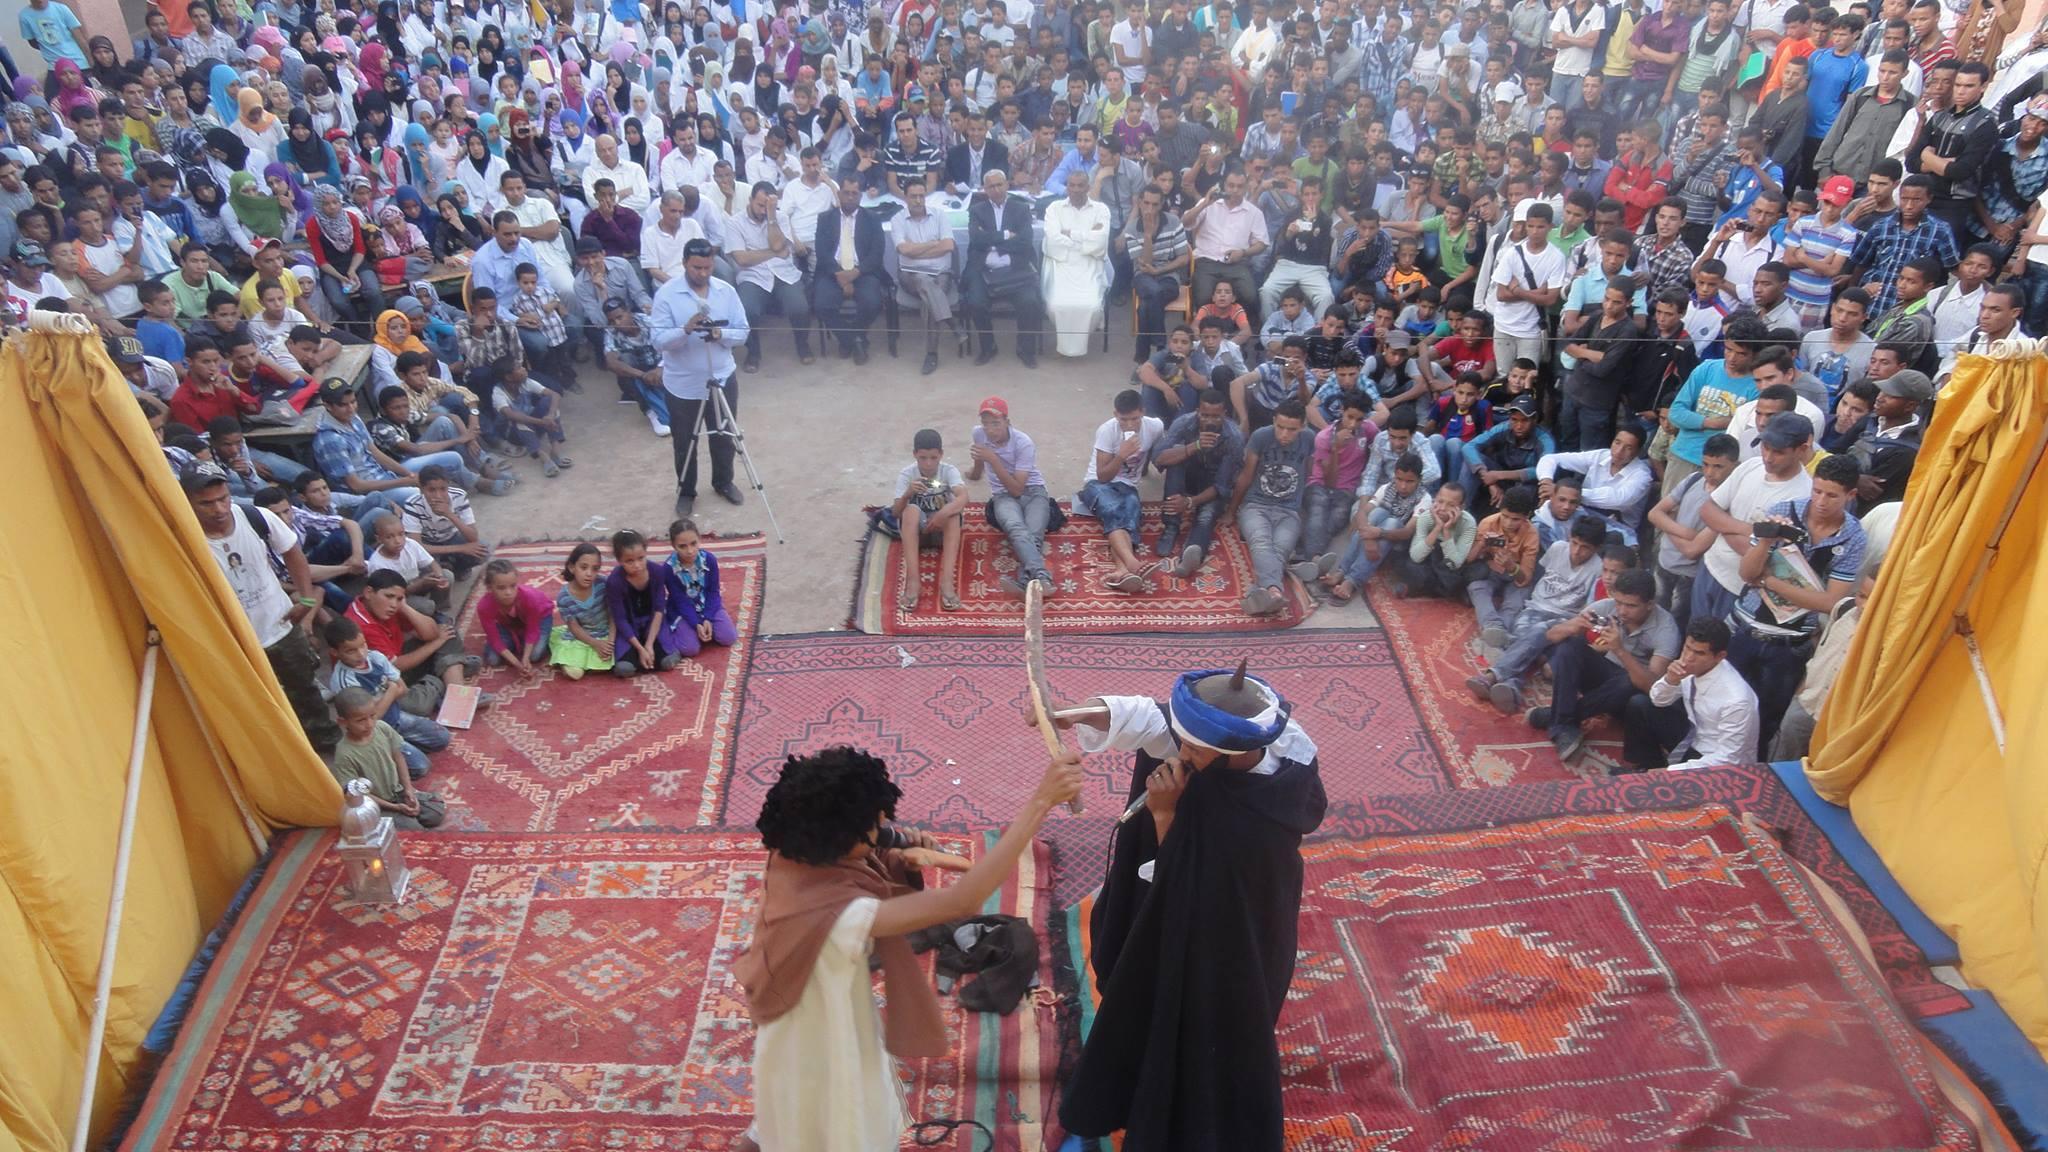 المهرجان الربيعي الثاني في المسرح بتازارين يومي 24 و25 أبريل